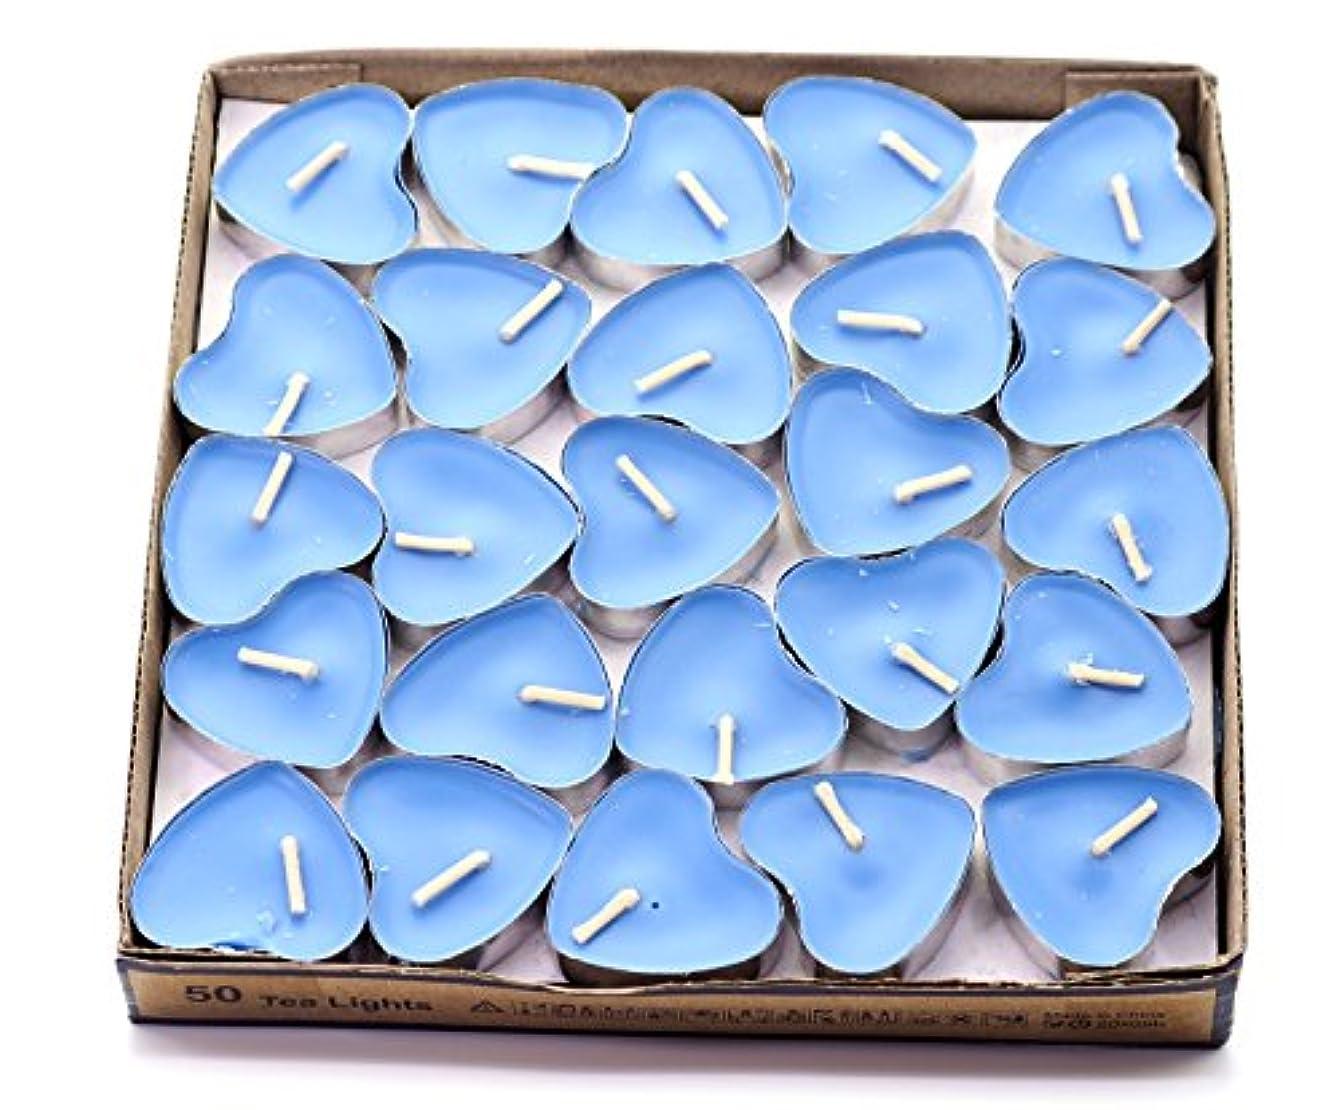 野心ゴール手入れ(Blue(ocean)) - Creationtop Scented Candles Tea Lights Mini Hearts Home Decor Aroma Candles Set of 50 pcs mini...